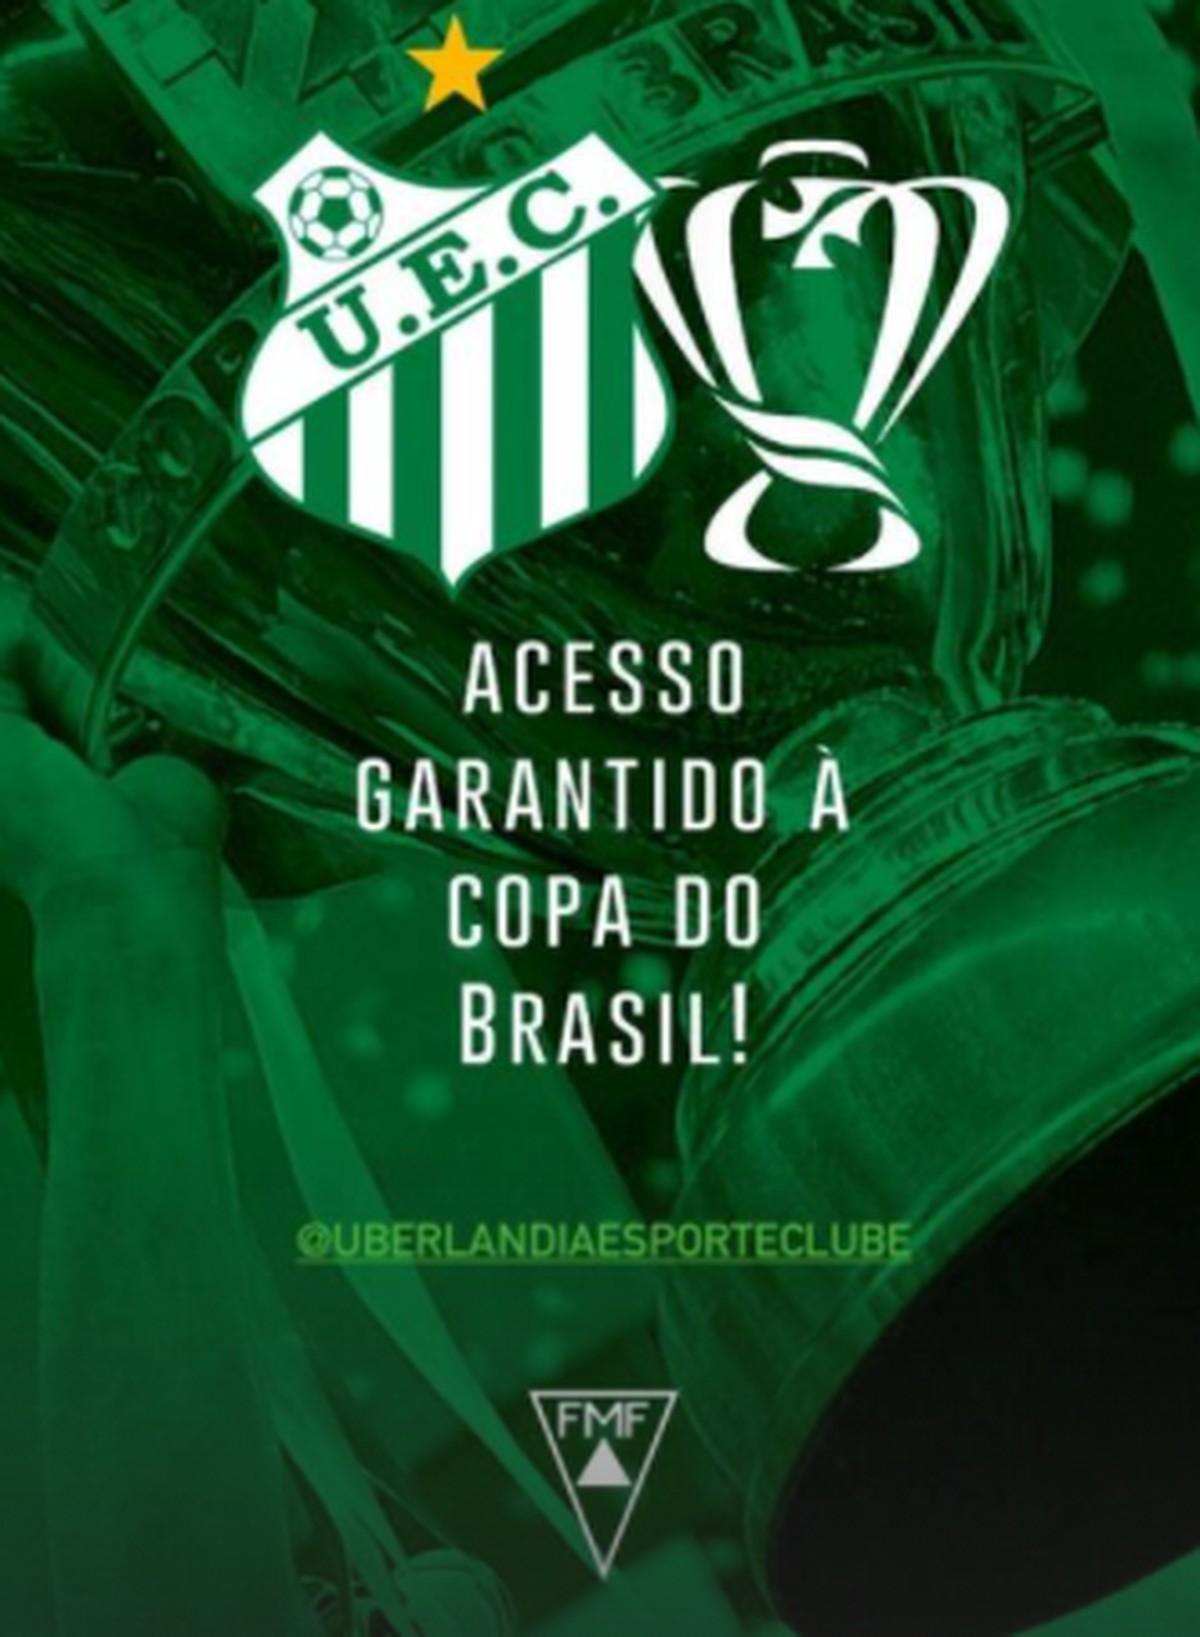 Classificação do Atlético-MG à Libertadores coloca Uberlândia na Copa do  Brasil 2021 | uberlândia